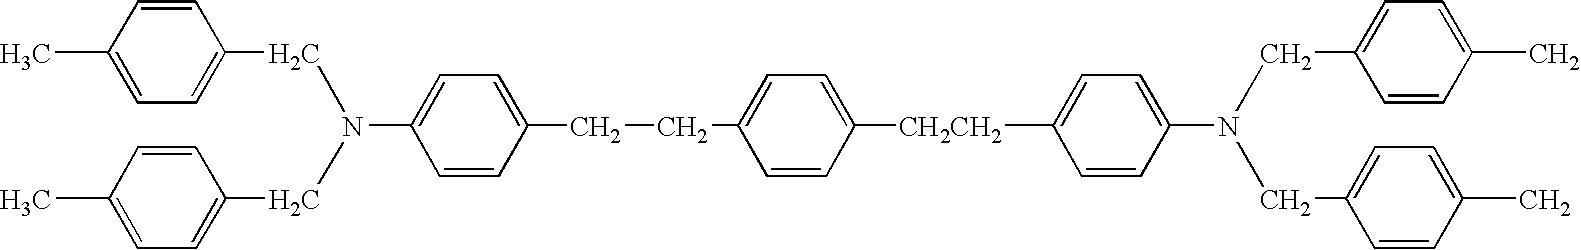 Figure US07381511-20080603-C00035